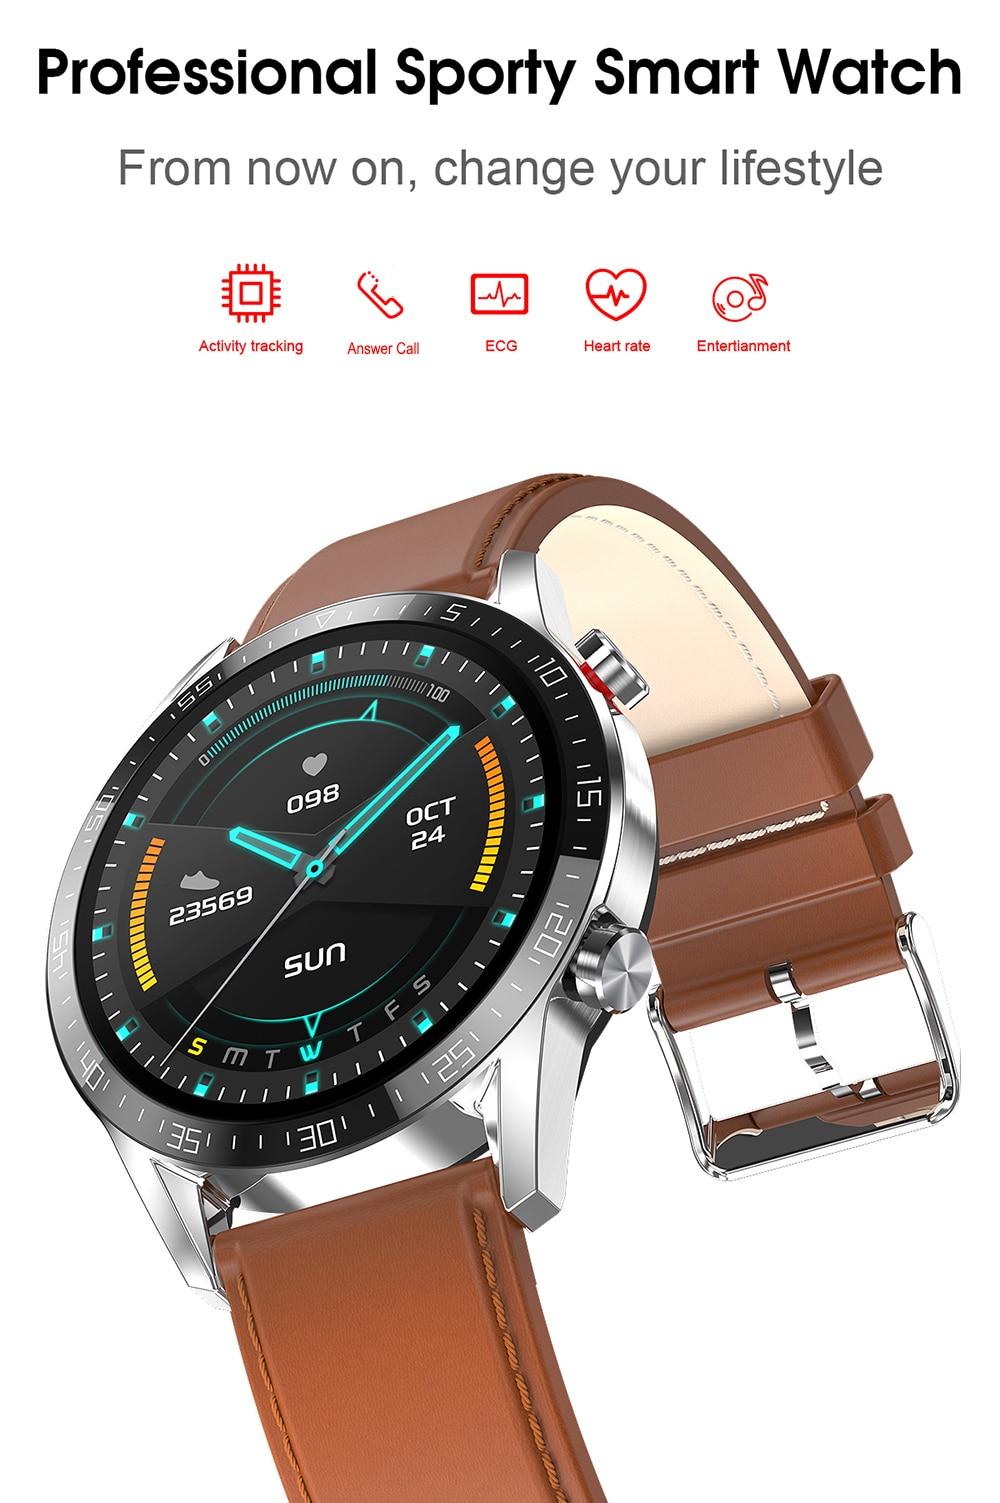 H0a46cbb6c3254ced8aefa3573f9baf2eQ For Phone Xiaomi Android IOS Reloj Inteligente Hombre Smartwatch Men 2021 Android IP68 Smartwatch Answer Call Smart Watch Man